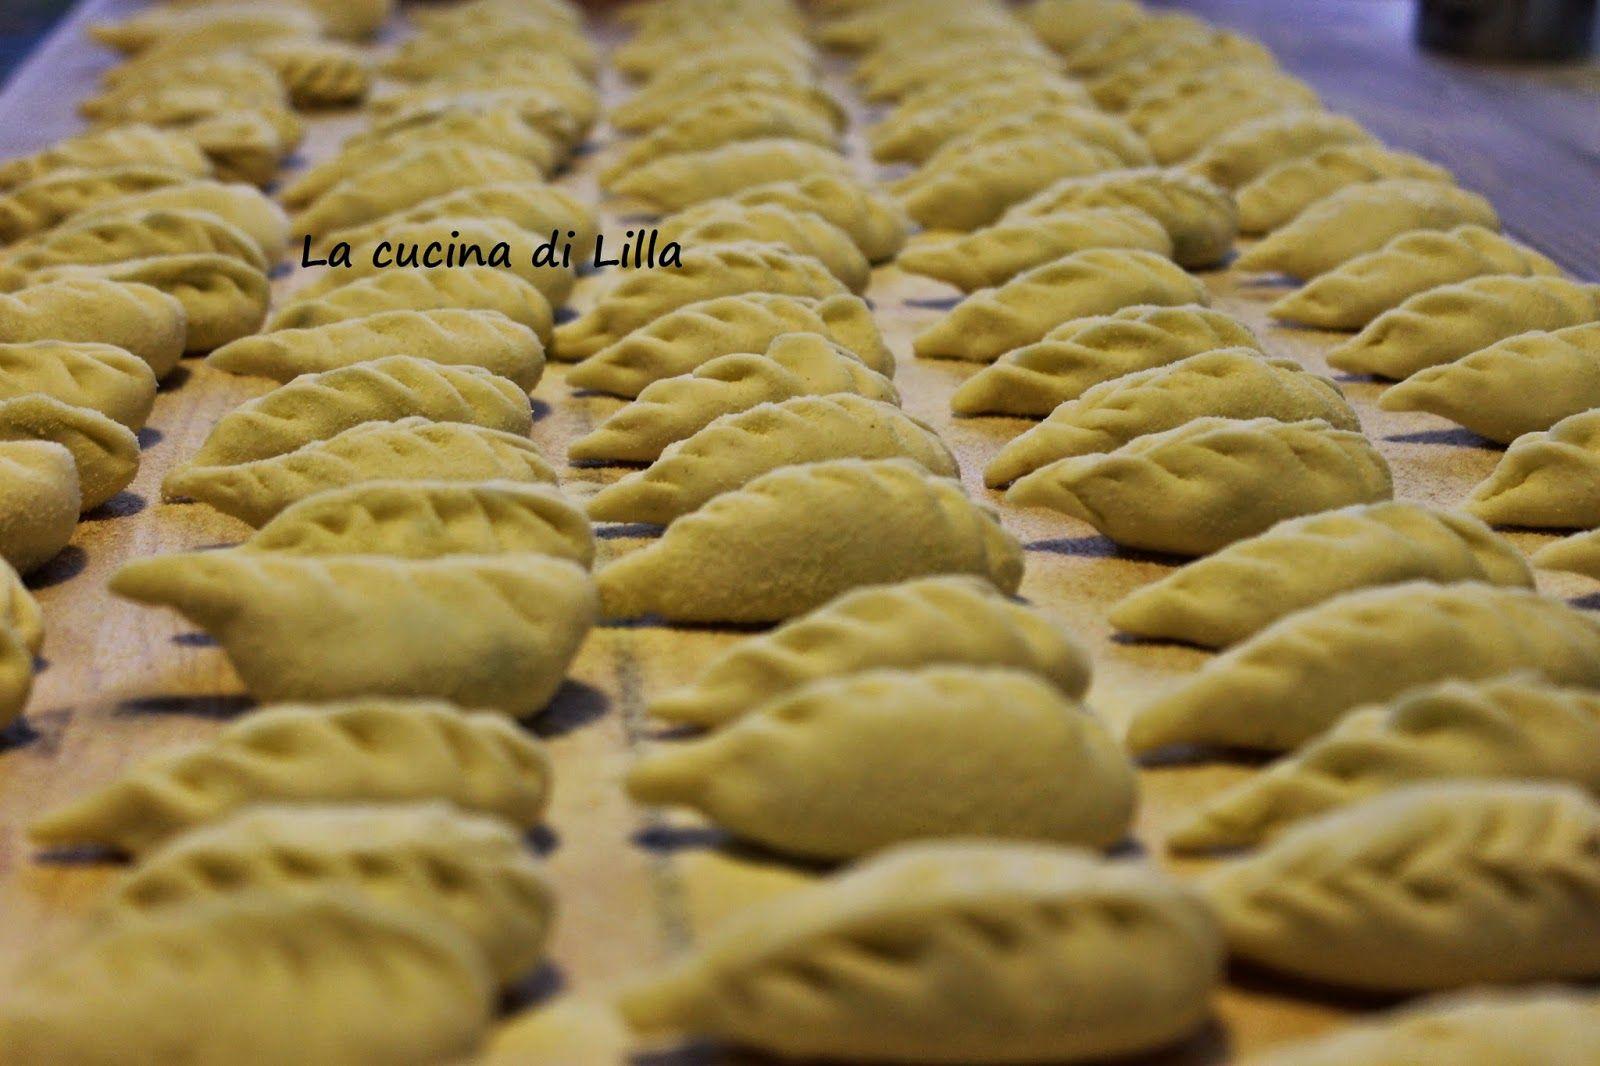 La cucina di Lilla (adessosimangia.blogspot.it): Pasta fresca ...